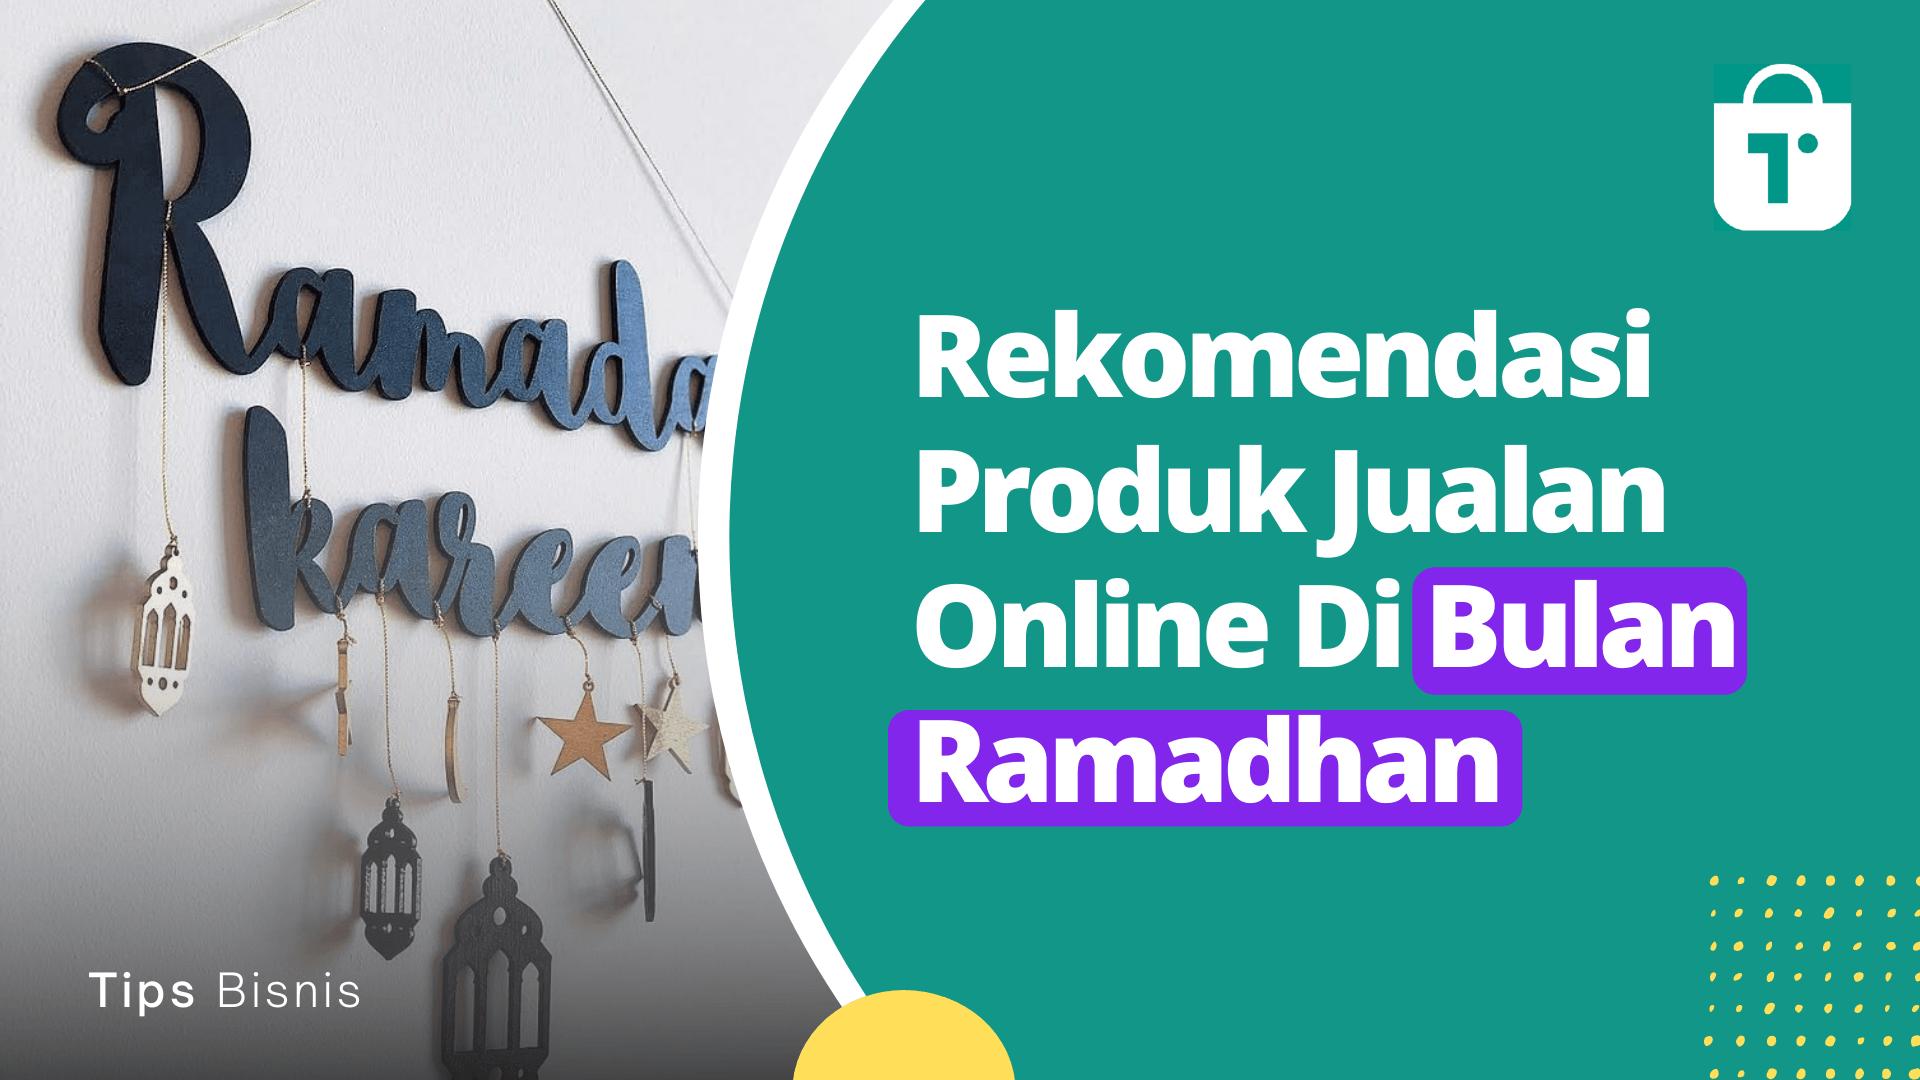 Rekomendasi Produk Jualan Online Di Bulan Ramadhan